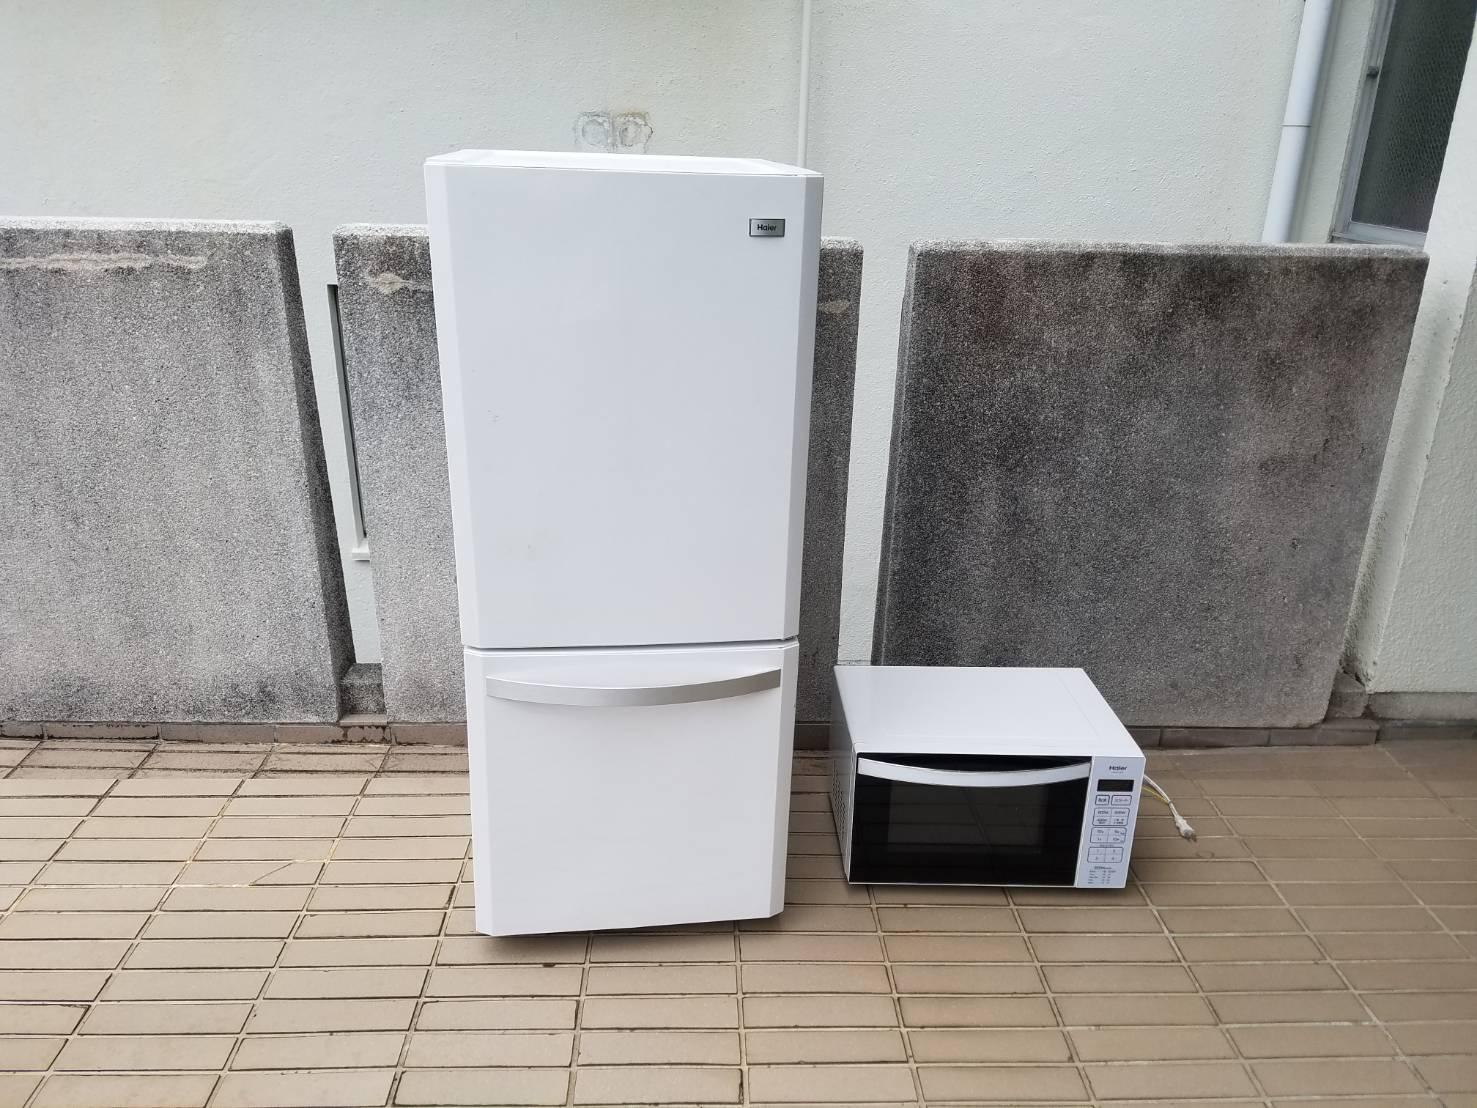 冷蔵庫、電子レンジの回収前